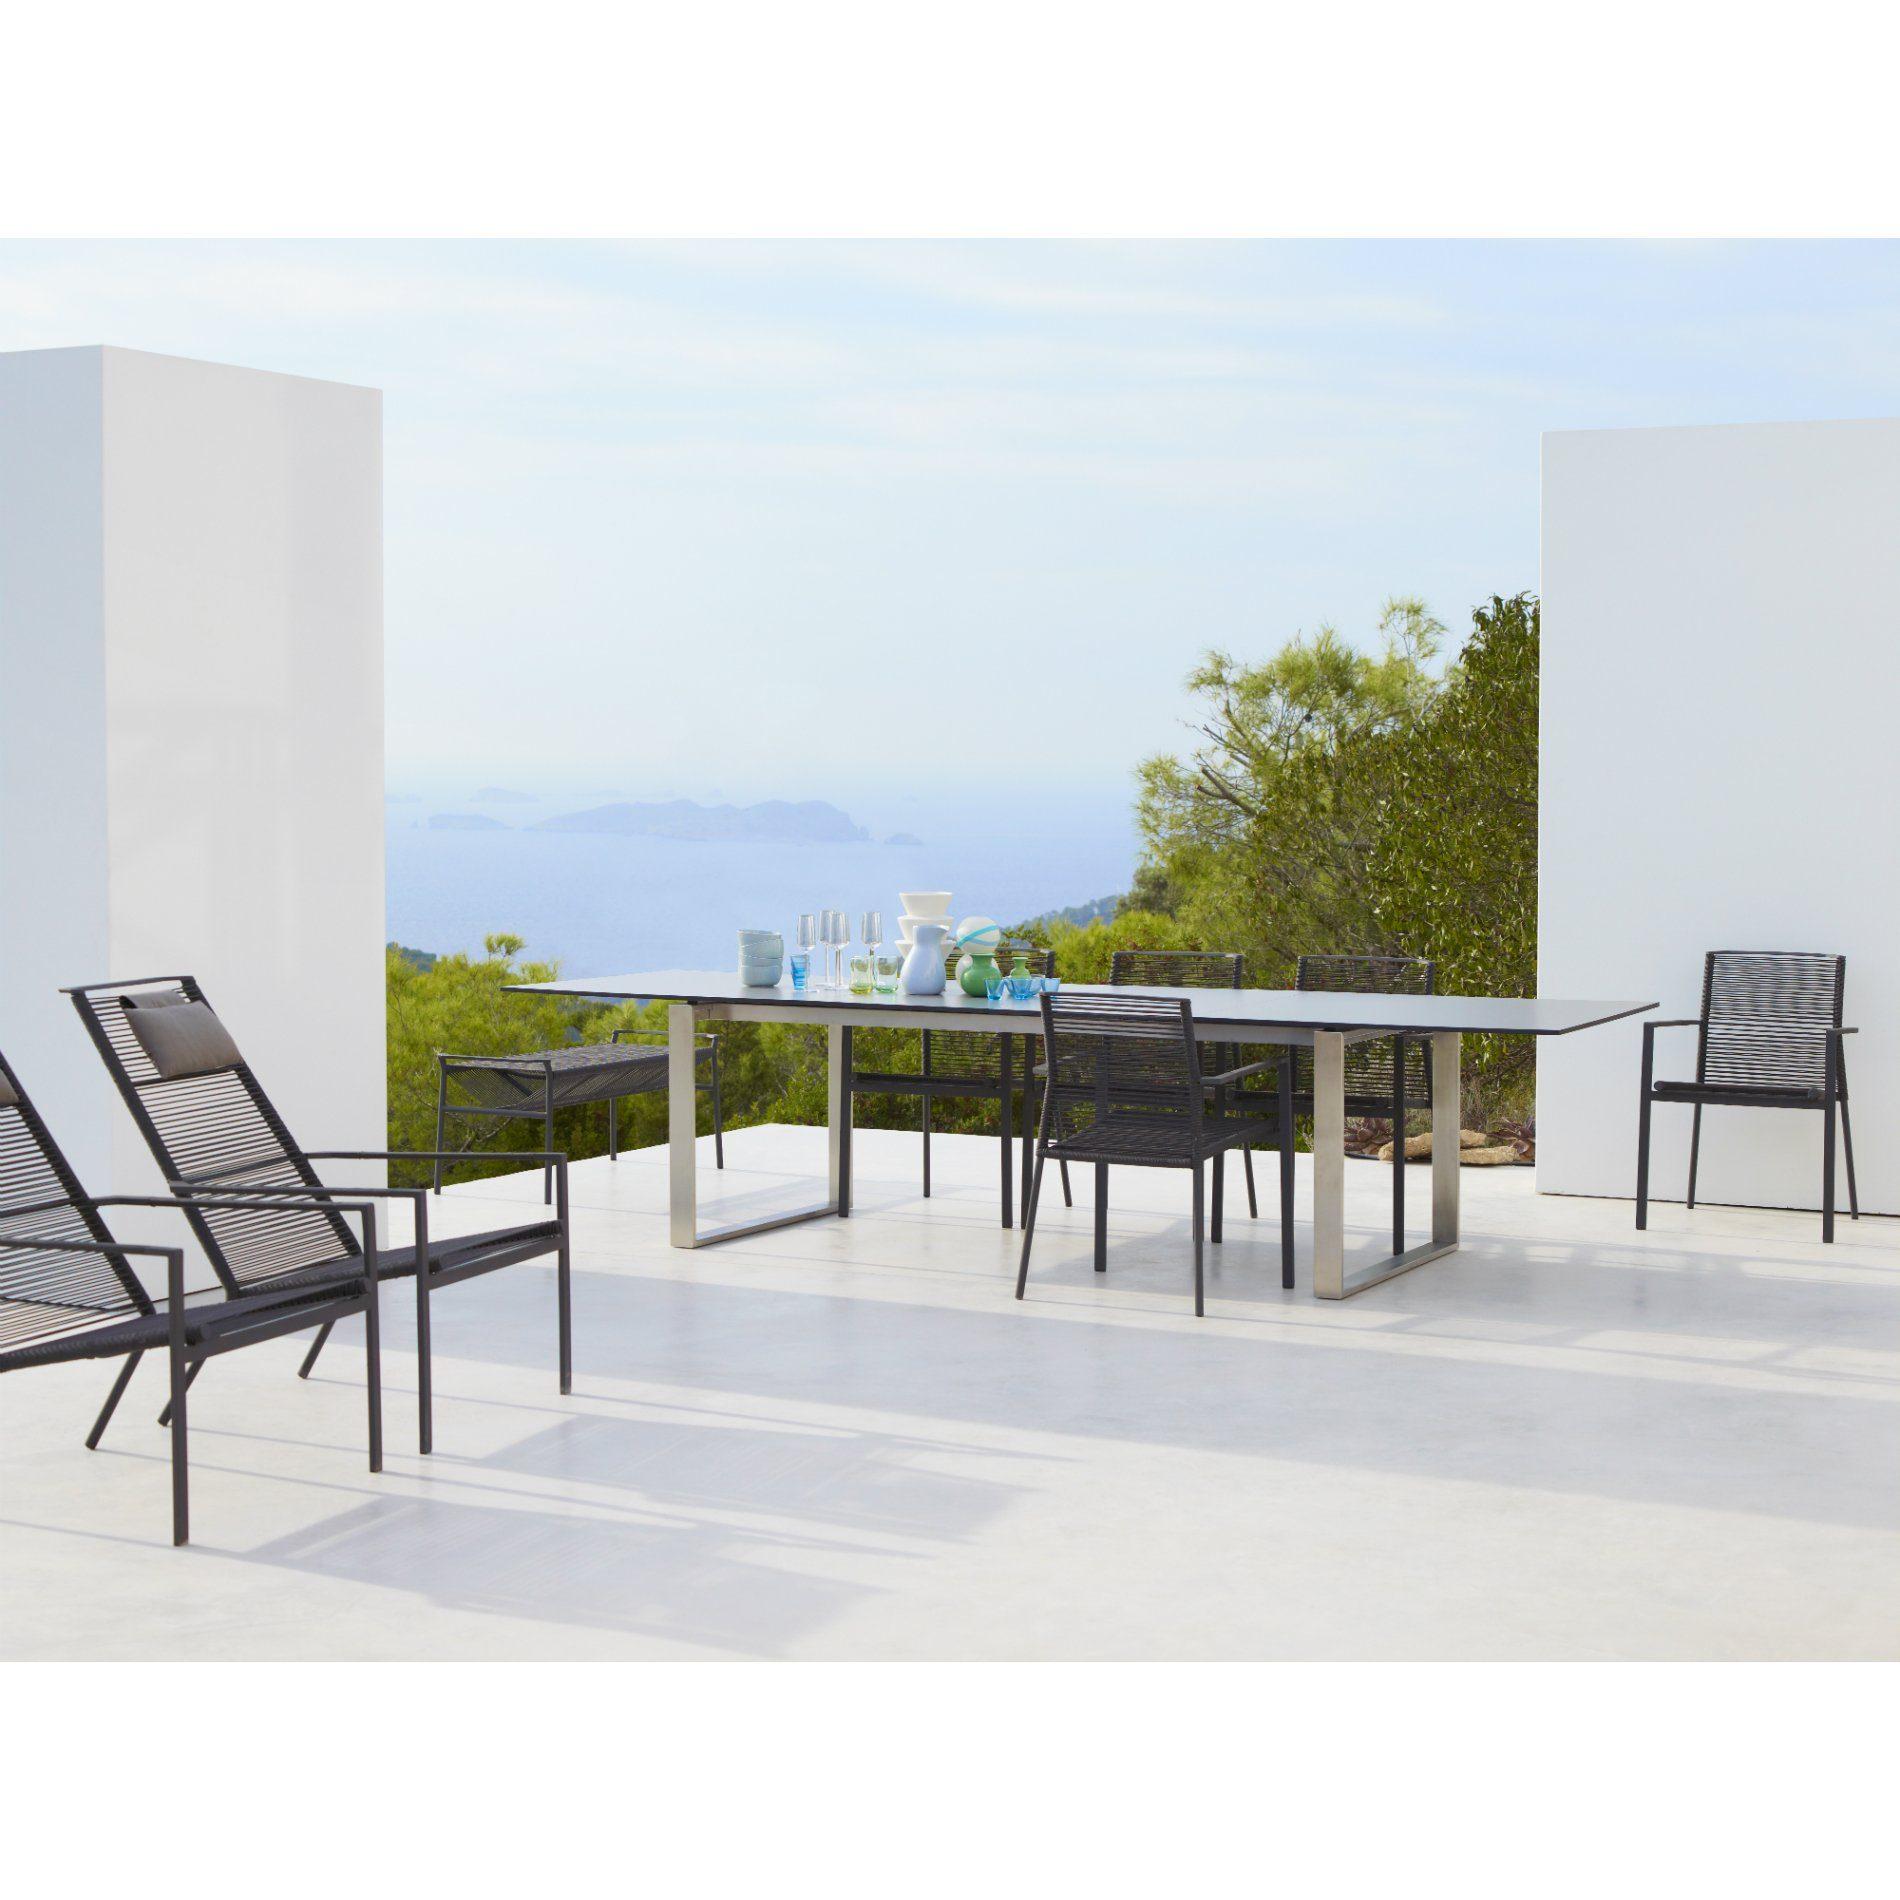 cane line gartentisch edge ausziehtisch. Black Bedroom Furniture Sets. Home Design Ideas